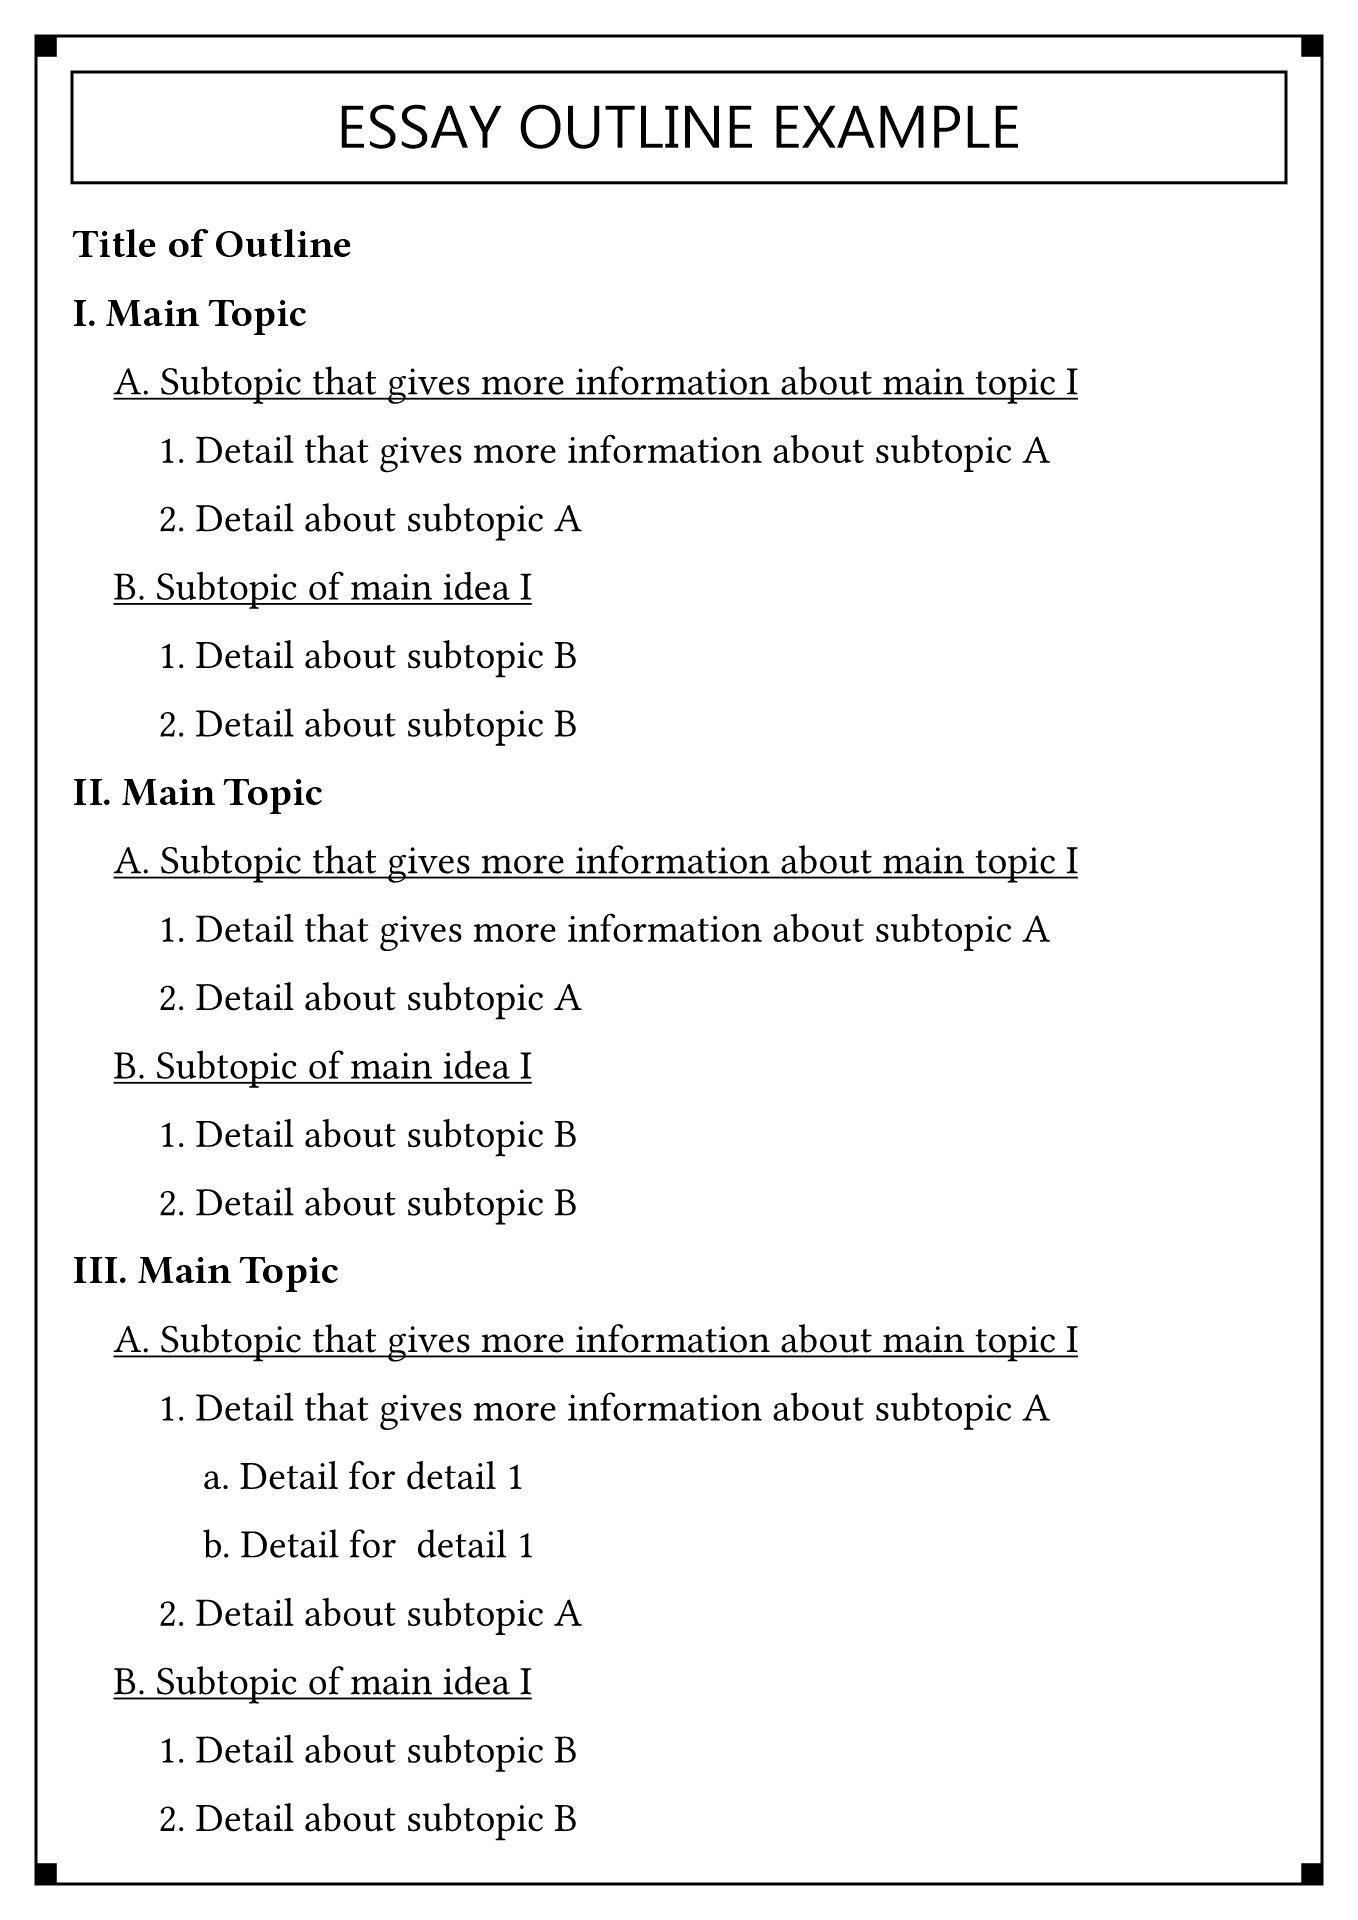 14 Best Images Of College Essay Outline Worksheet